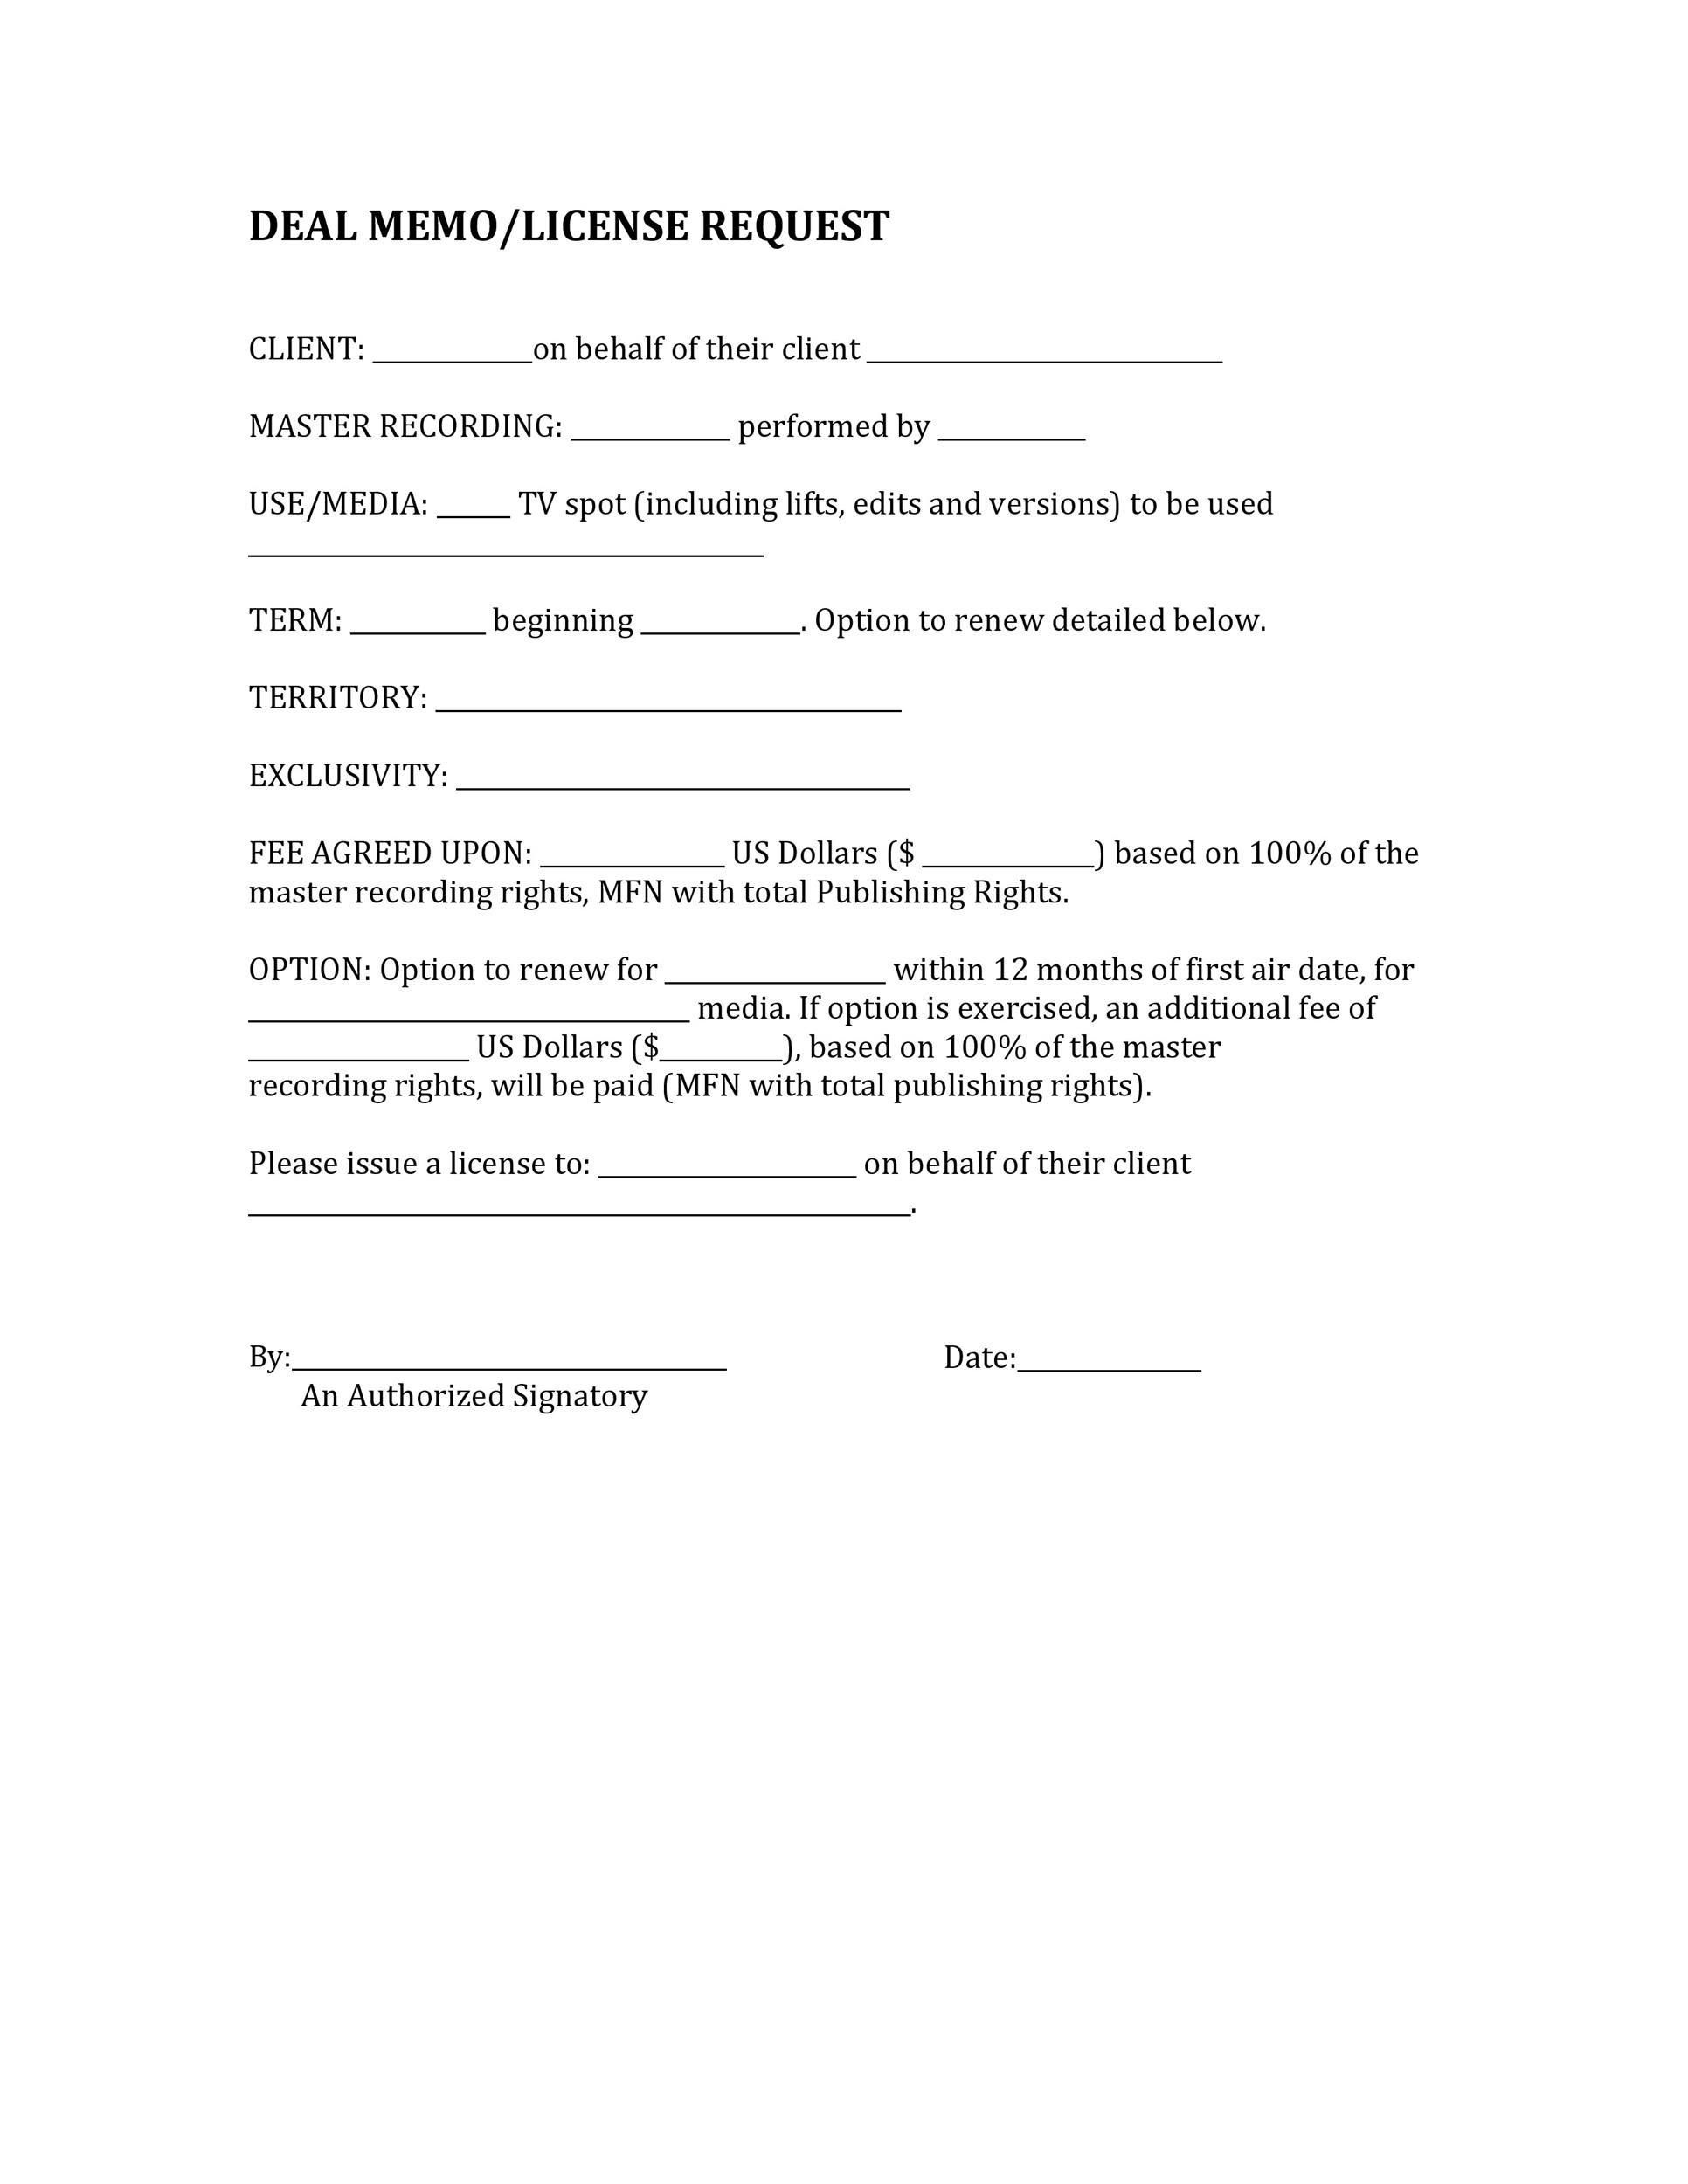 Free deal memo template 26